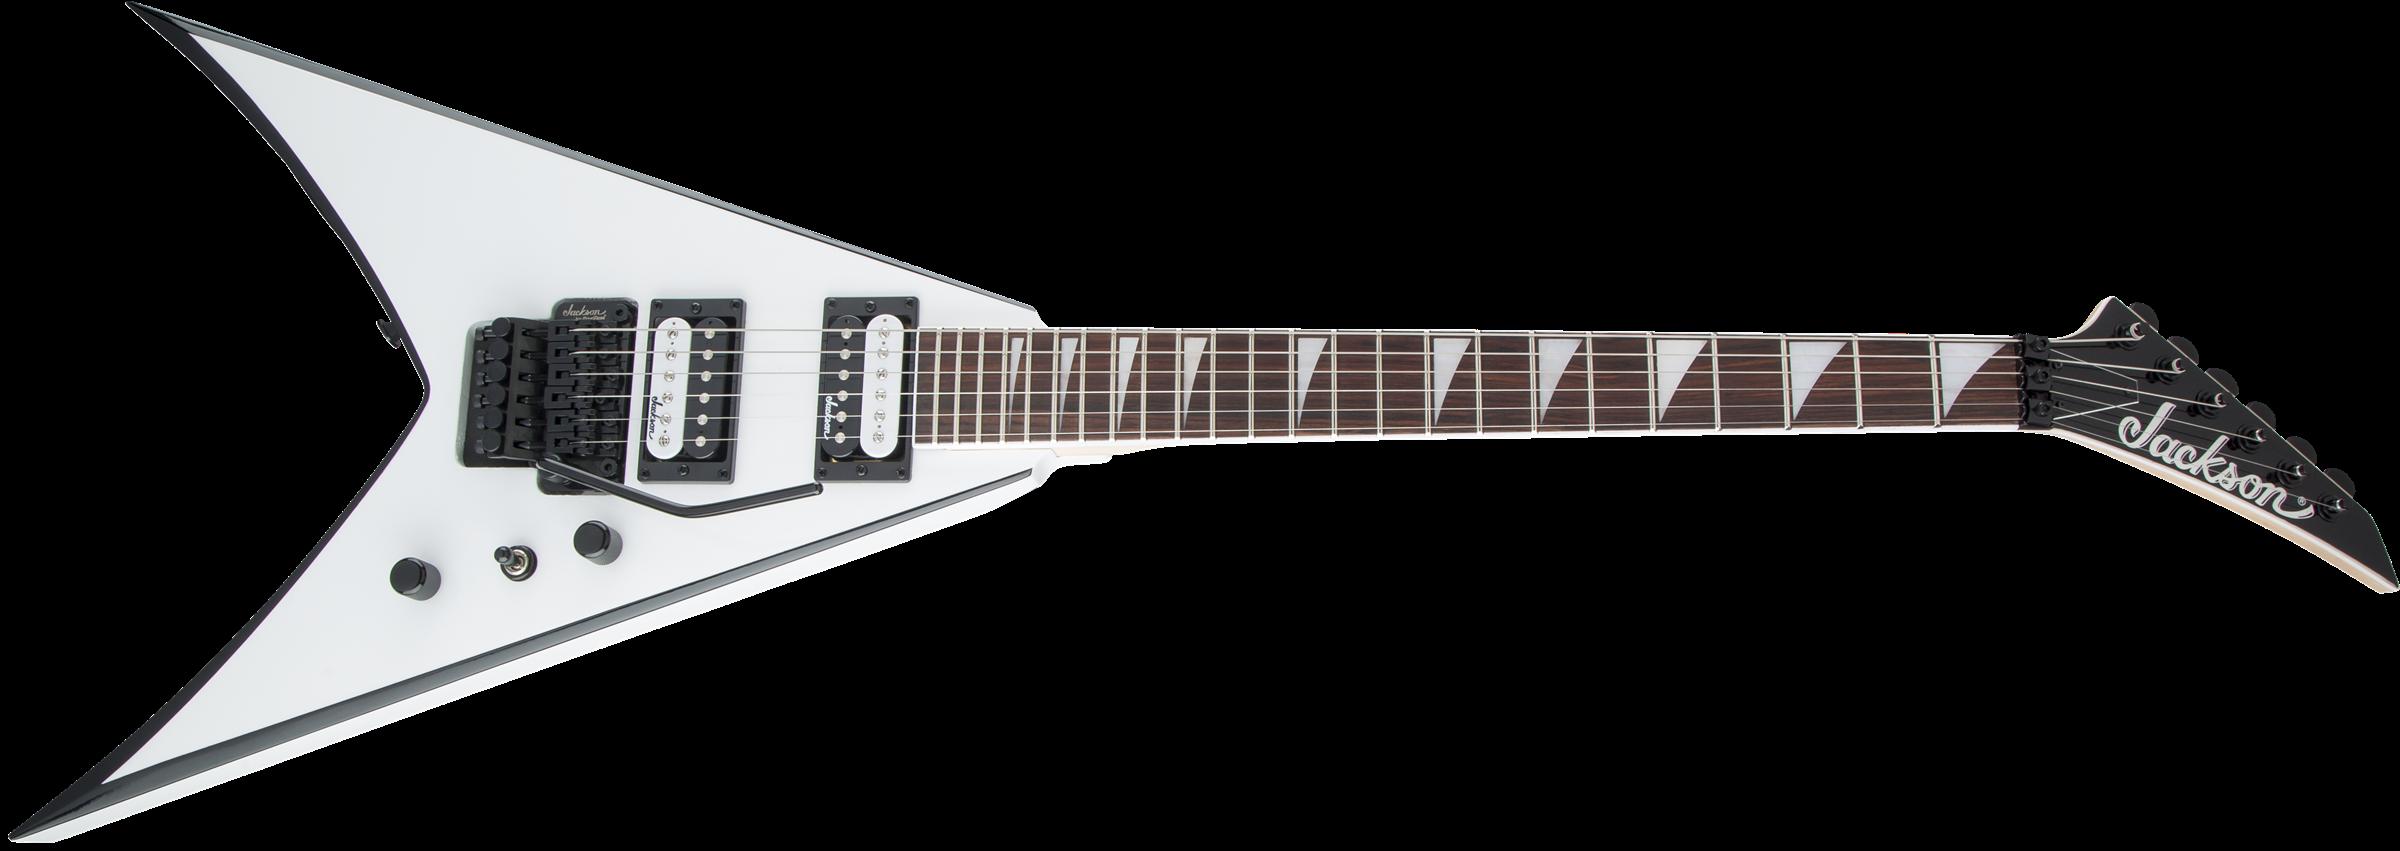 Jackson JS Series King V™ JS32, Amaranth Fingerboard, White with Black Bevels